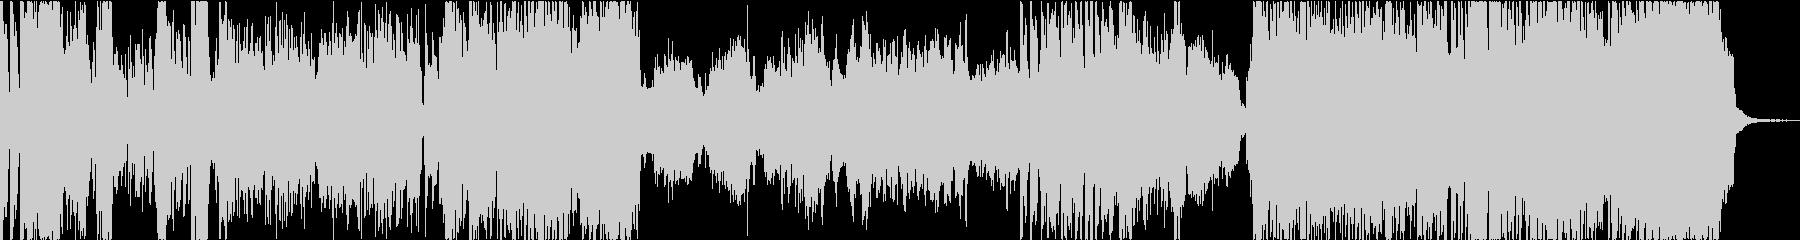 笛と弦楽器、ピアノの雄大なインストの未再生の波形